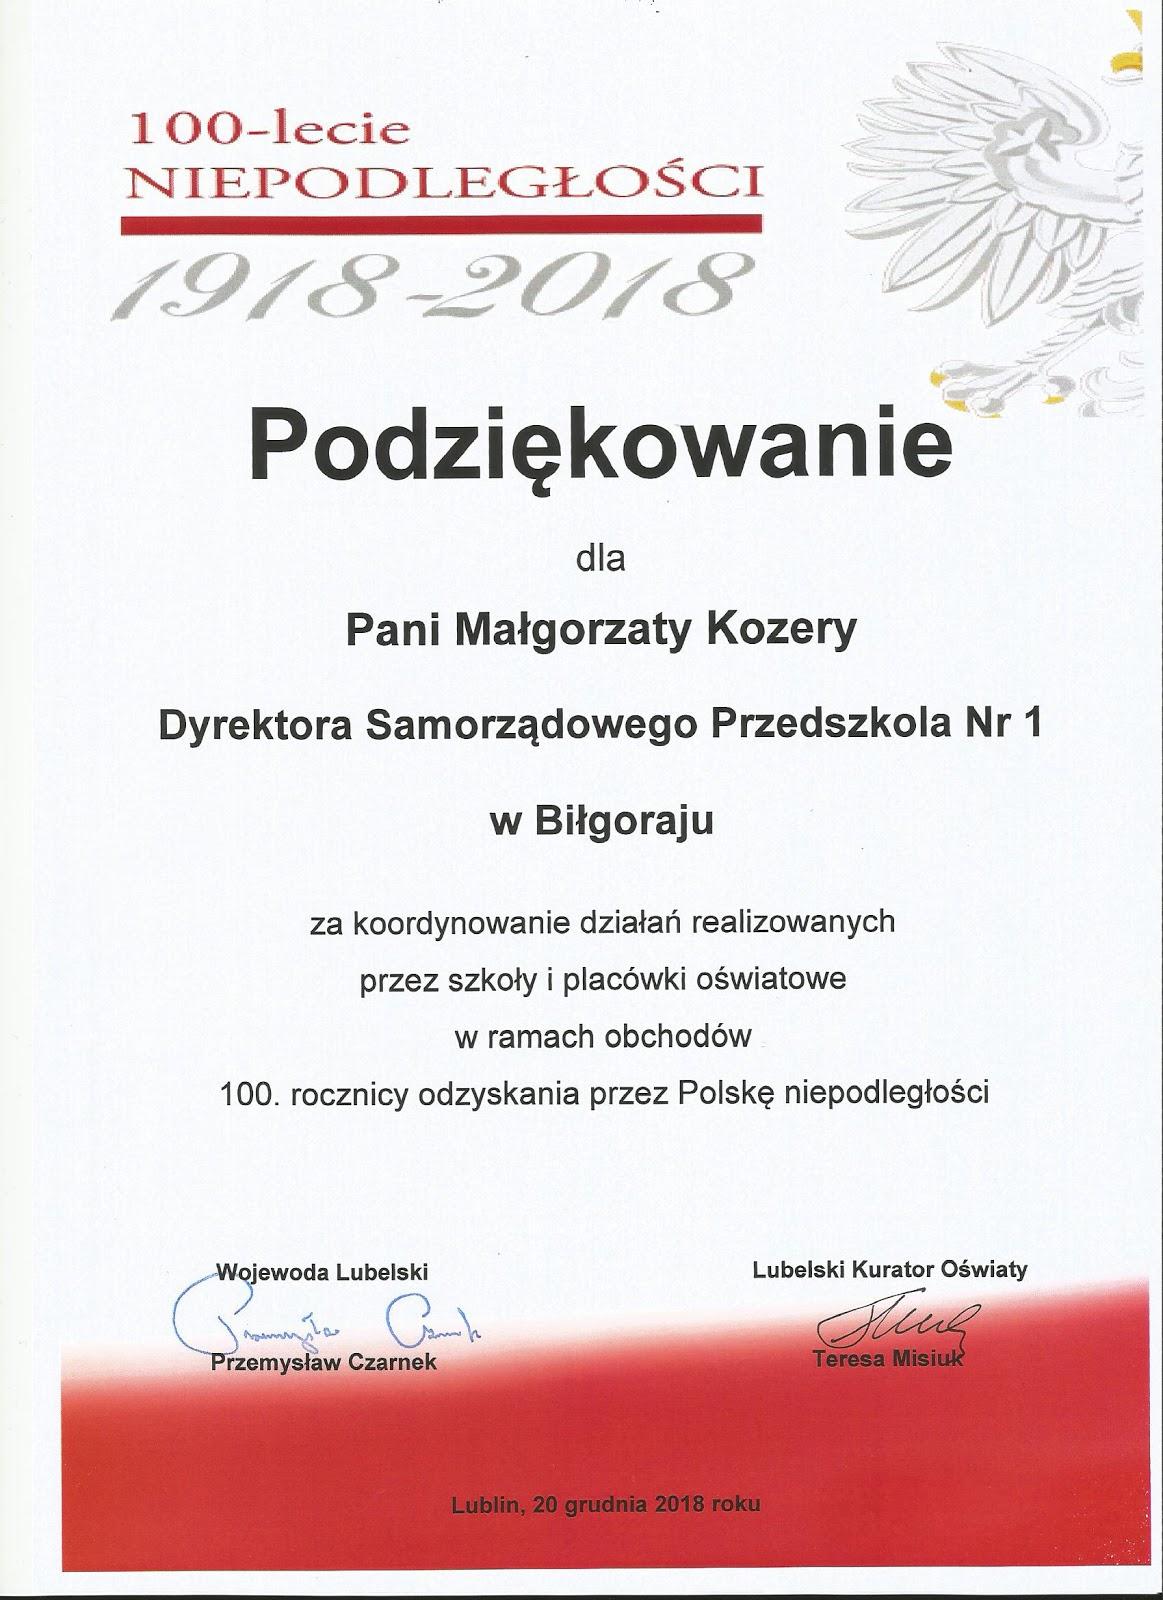 Samorządowe Przedszkole Nr 1 W Biłgoraju Rok Dla Niepodległej